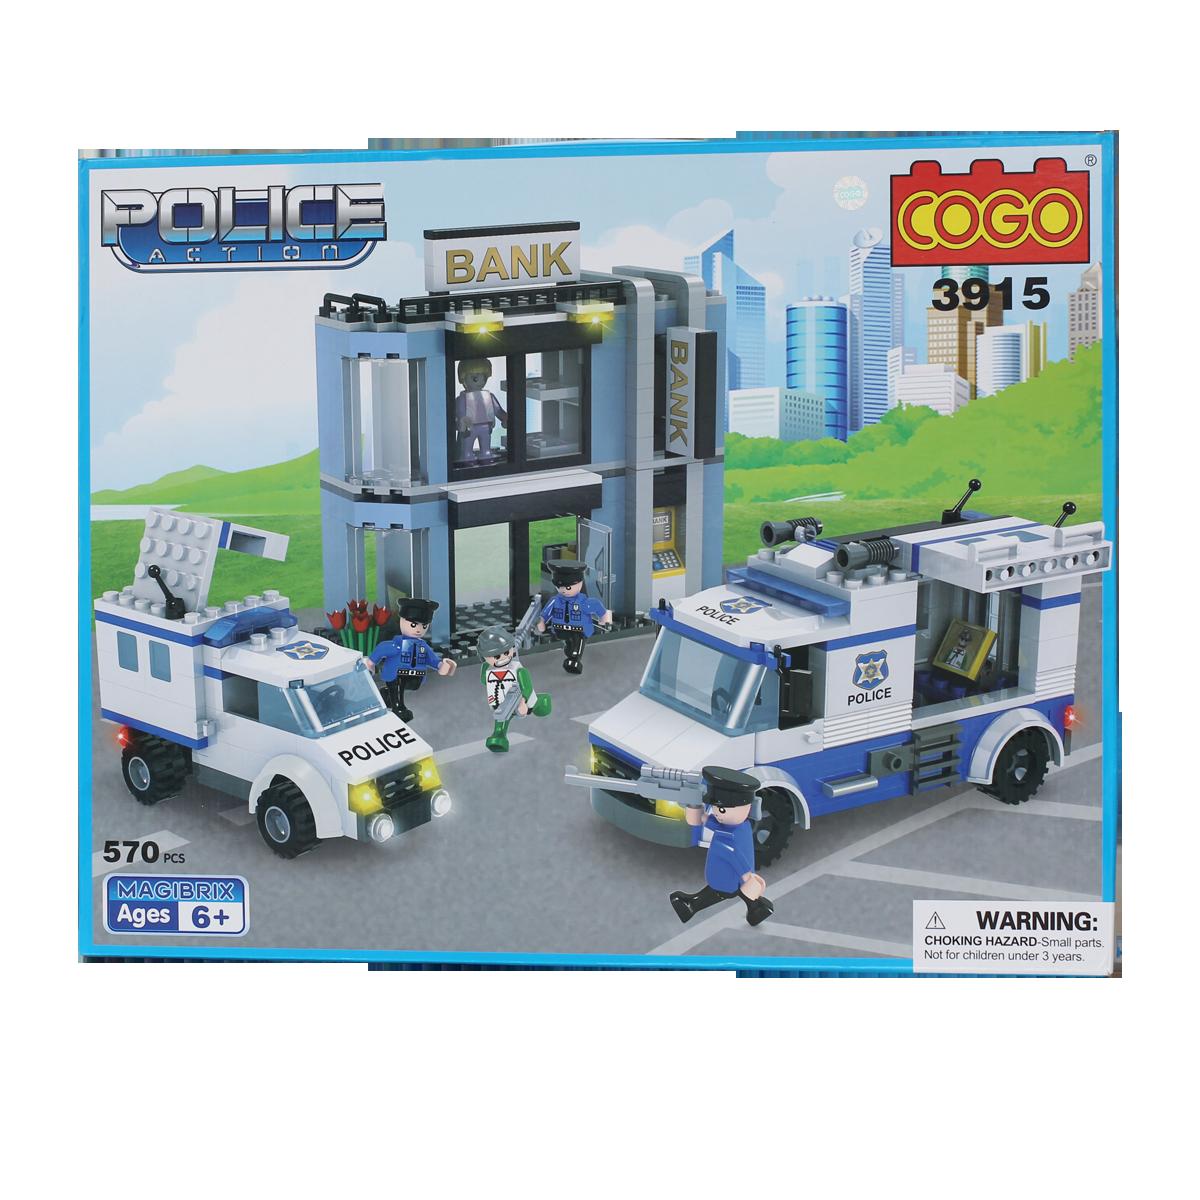 Đồ chơi xếp hình COGO 3915 - Vụ cướp ngân hàng